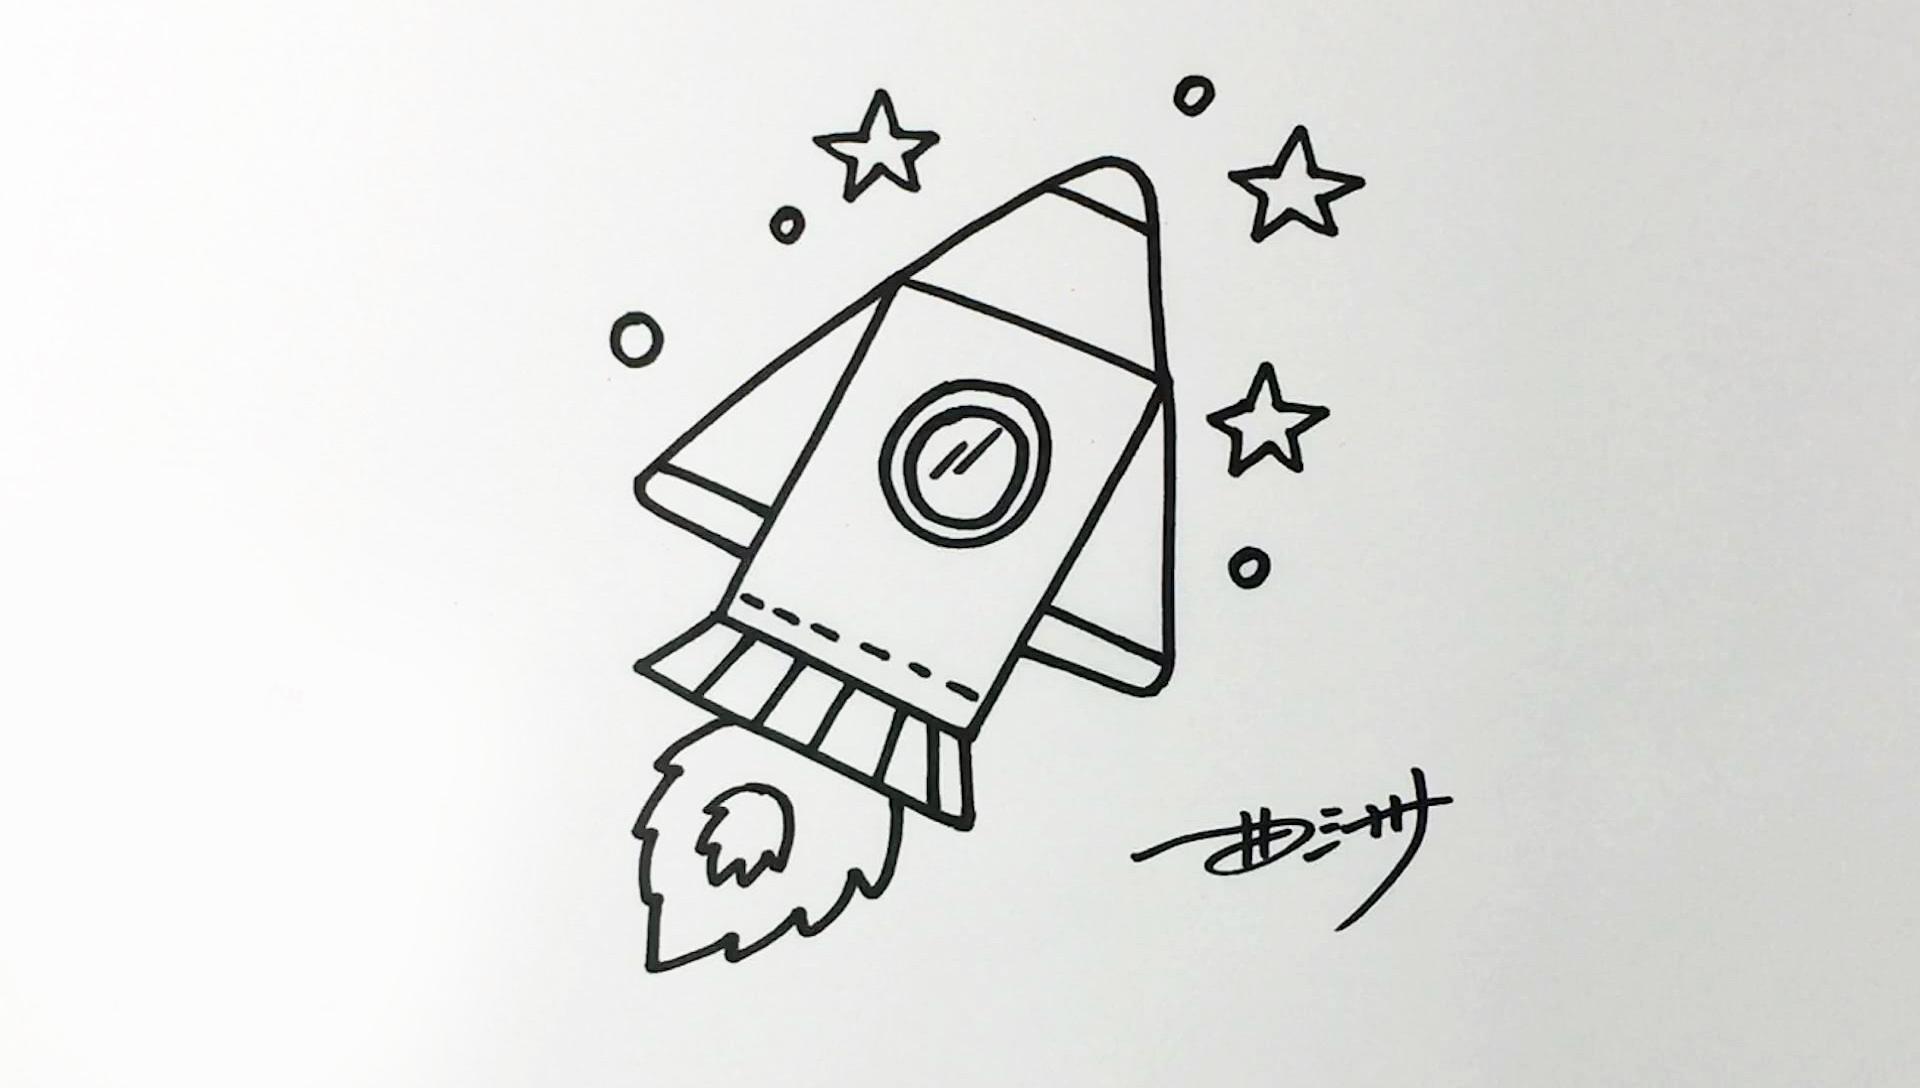 曲洲老师画卡通:幼儿的简笔画系列——神舟飞船